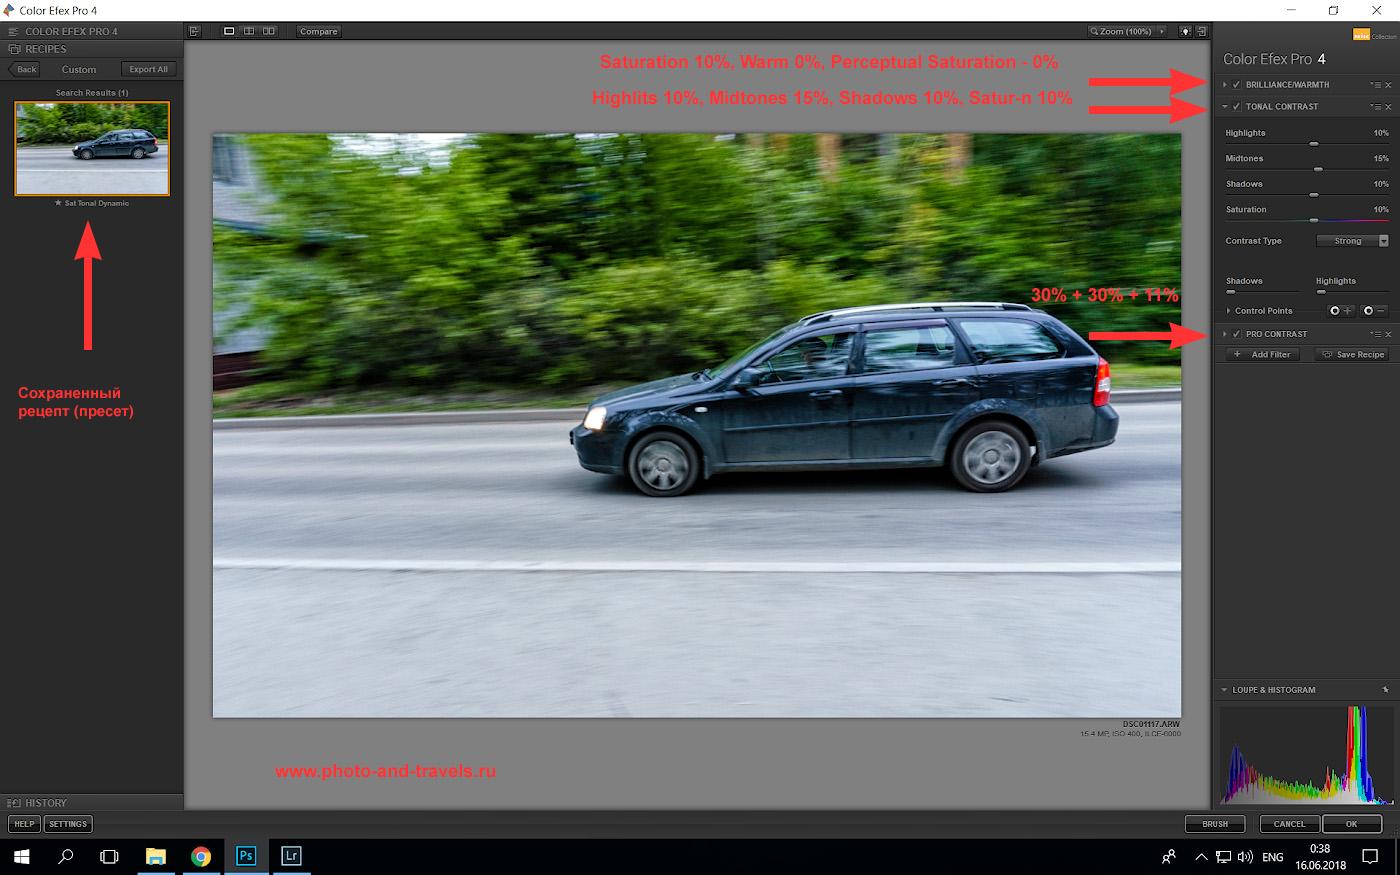 Фото 39. Все снимки с Сони А6000 в этой статье сняты в формате ARW и обработаны в Lightroom. Затем в Photoshop наложен пресет, повышающий насыщенность, тональный и динамический контраст. Прозрачность этого слоя снижена до 20%, чтобы не было «вырви глаз», как на этом изображении.